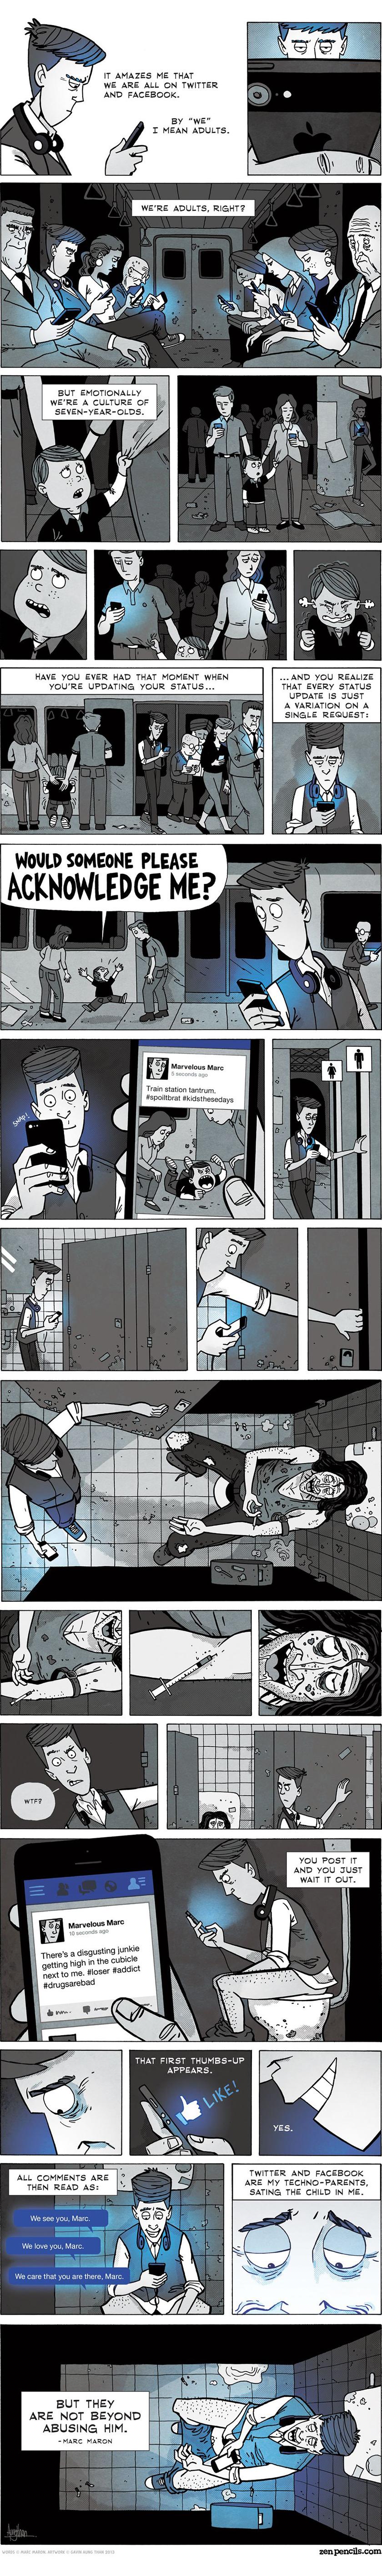 comic strip - social media